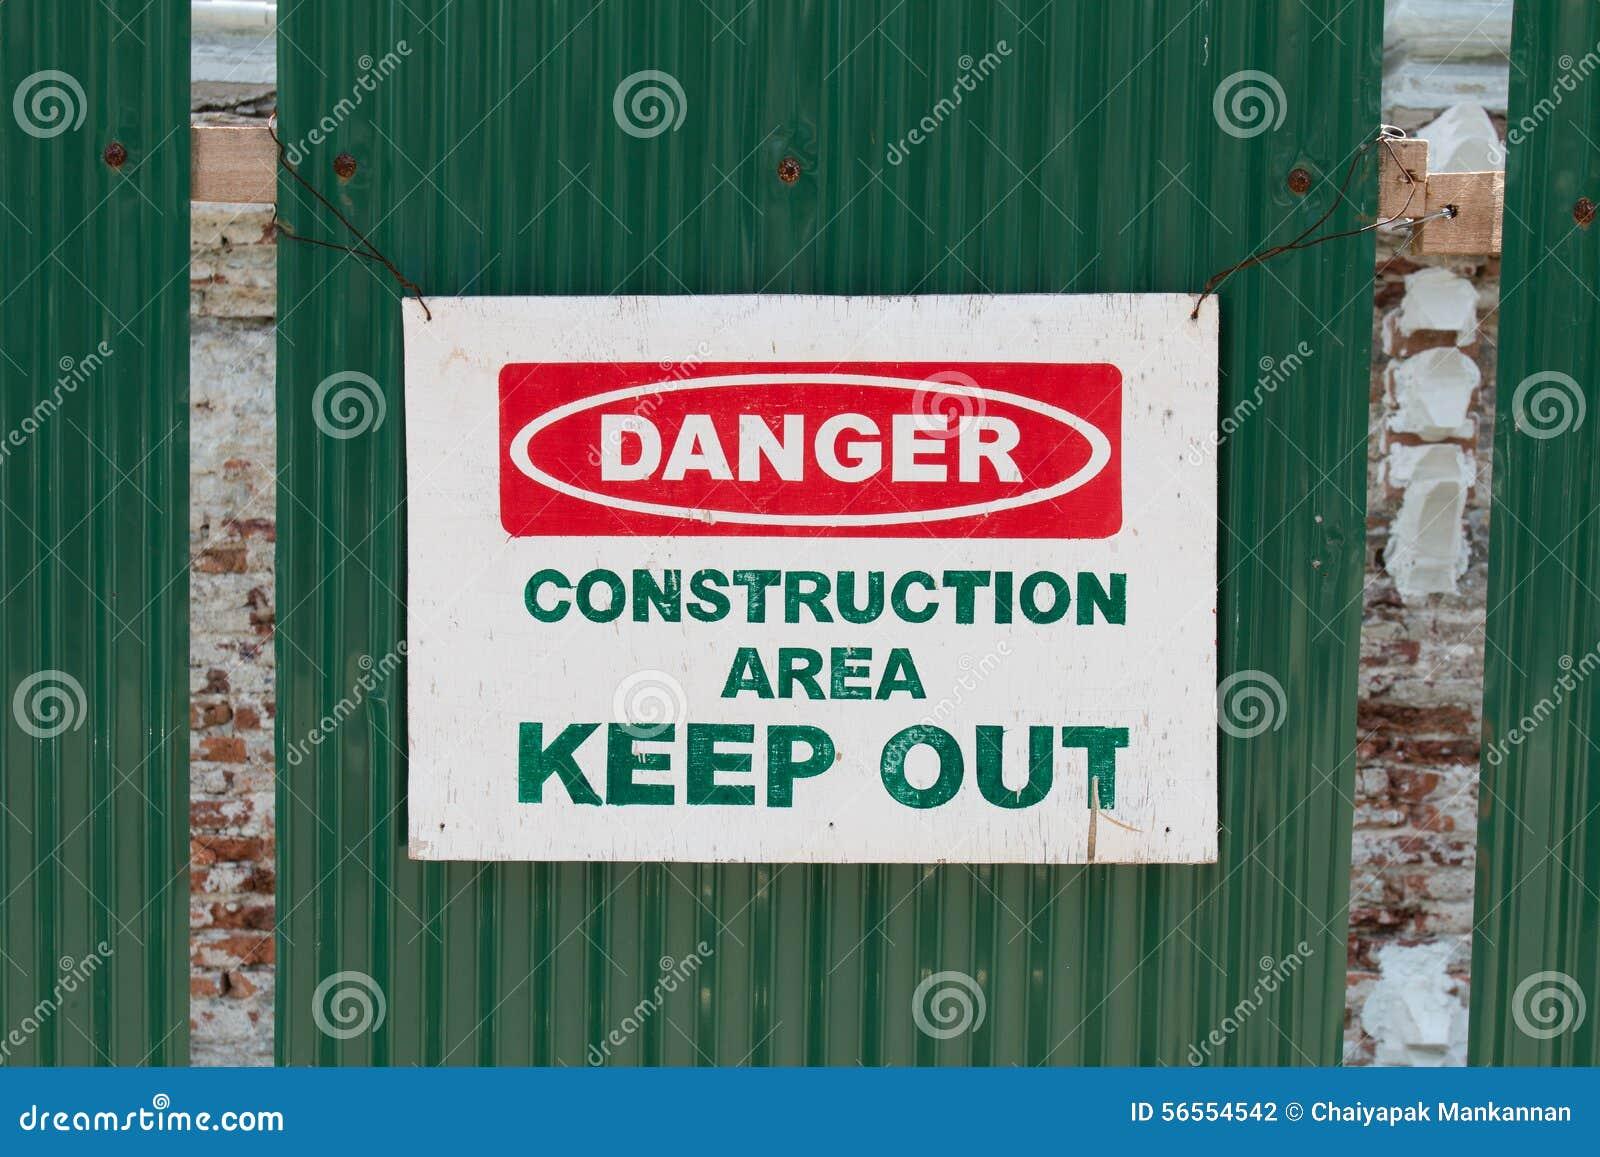 Download σημάδι κινδύνου στοκ εικόνες. εικόνα από κίνδυνος, αστικός - 56554542